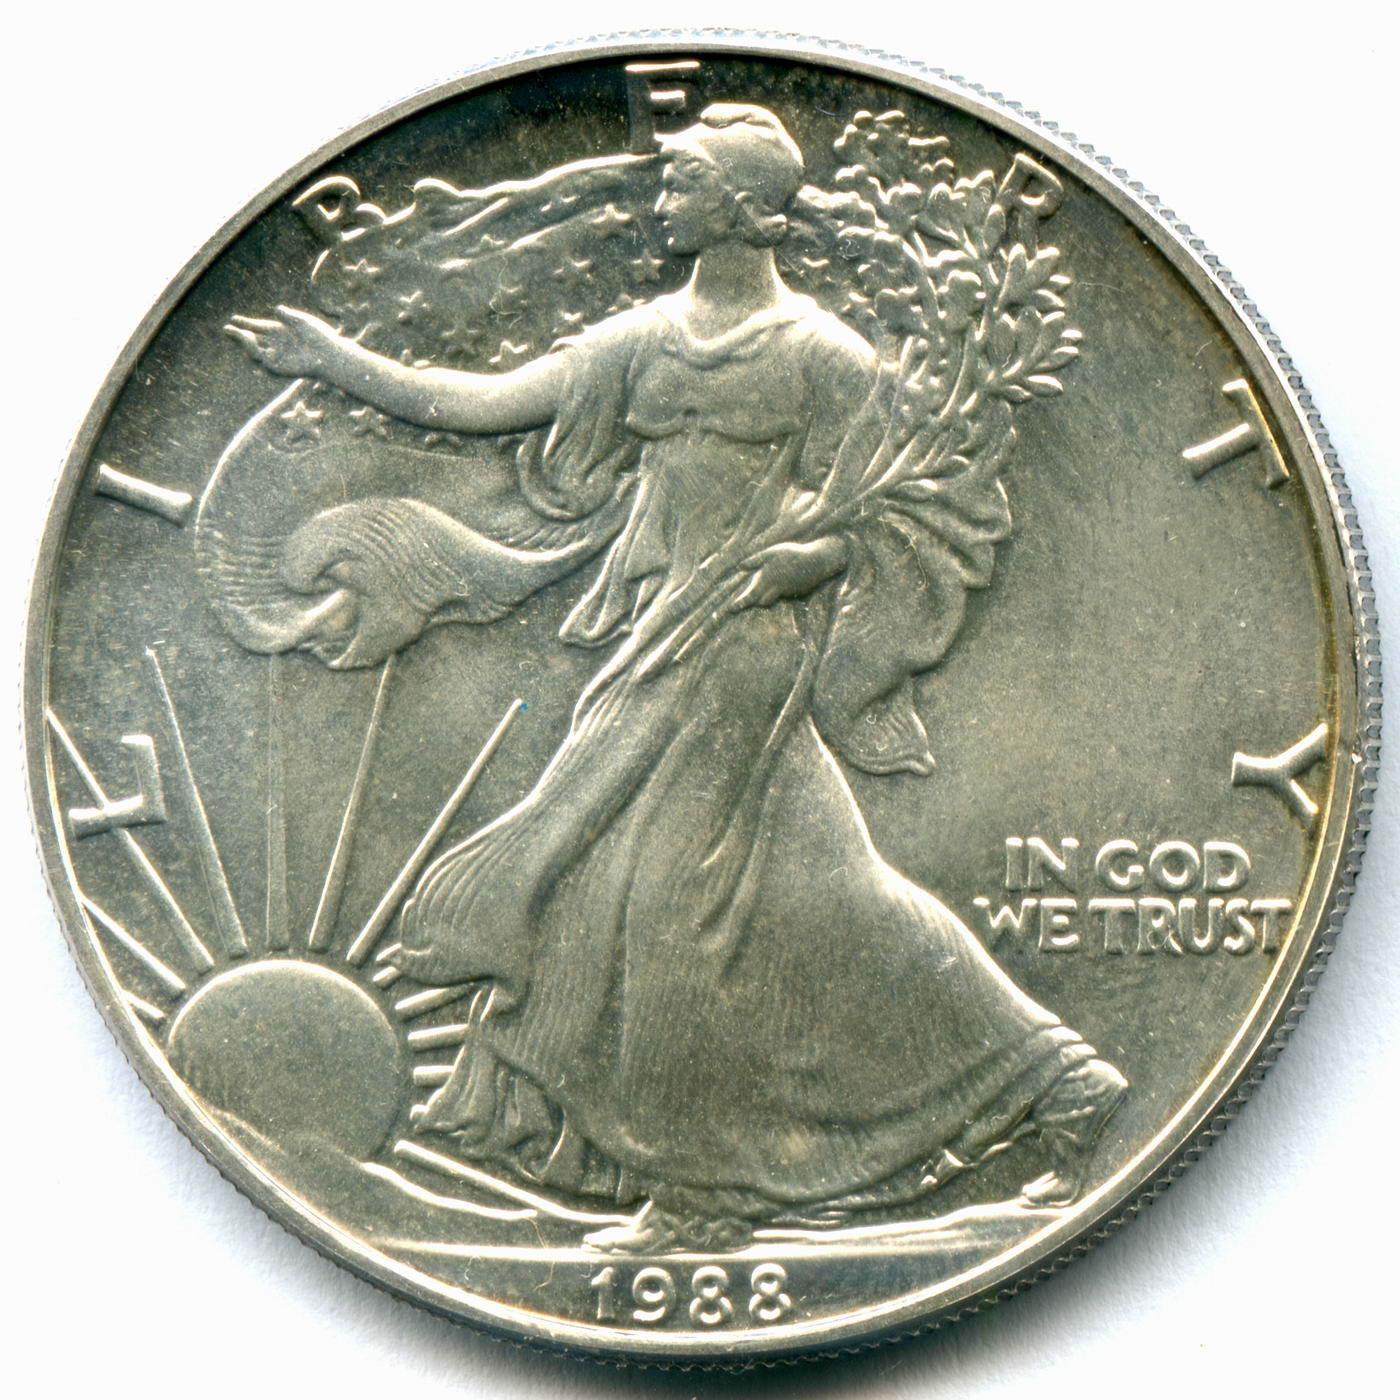 1 доллар США 1988 год AU (Шагающая свобода)